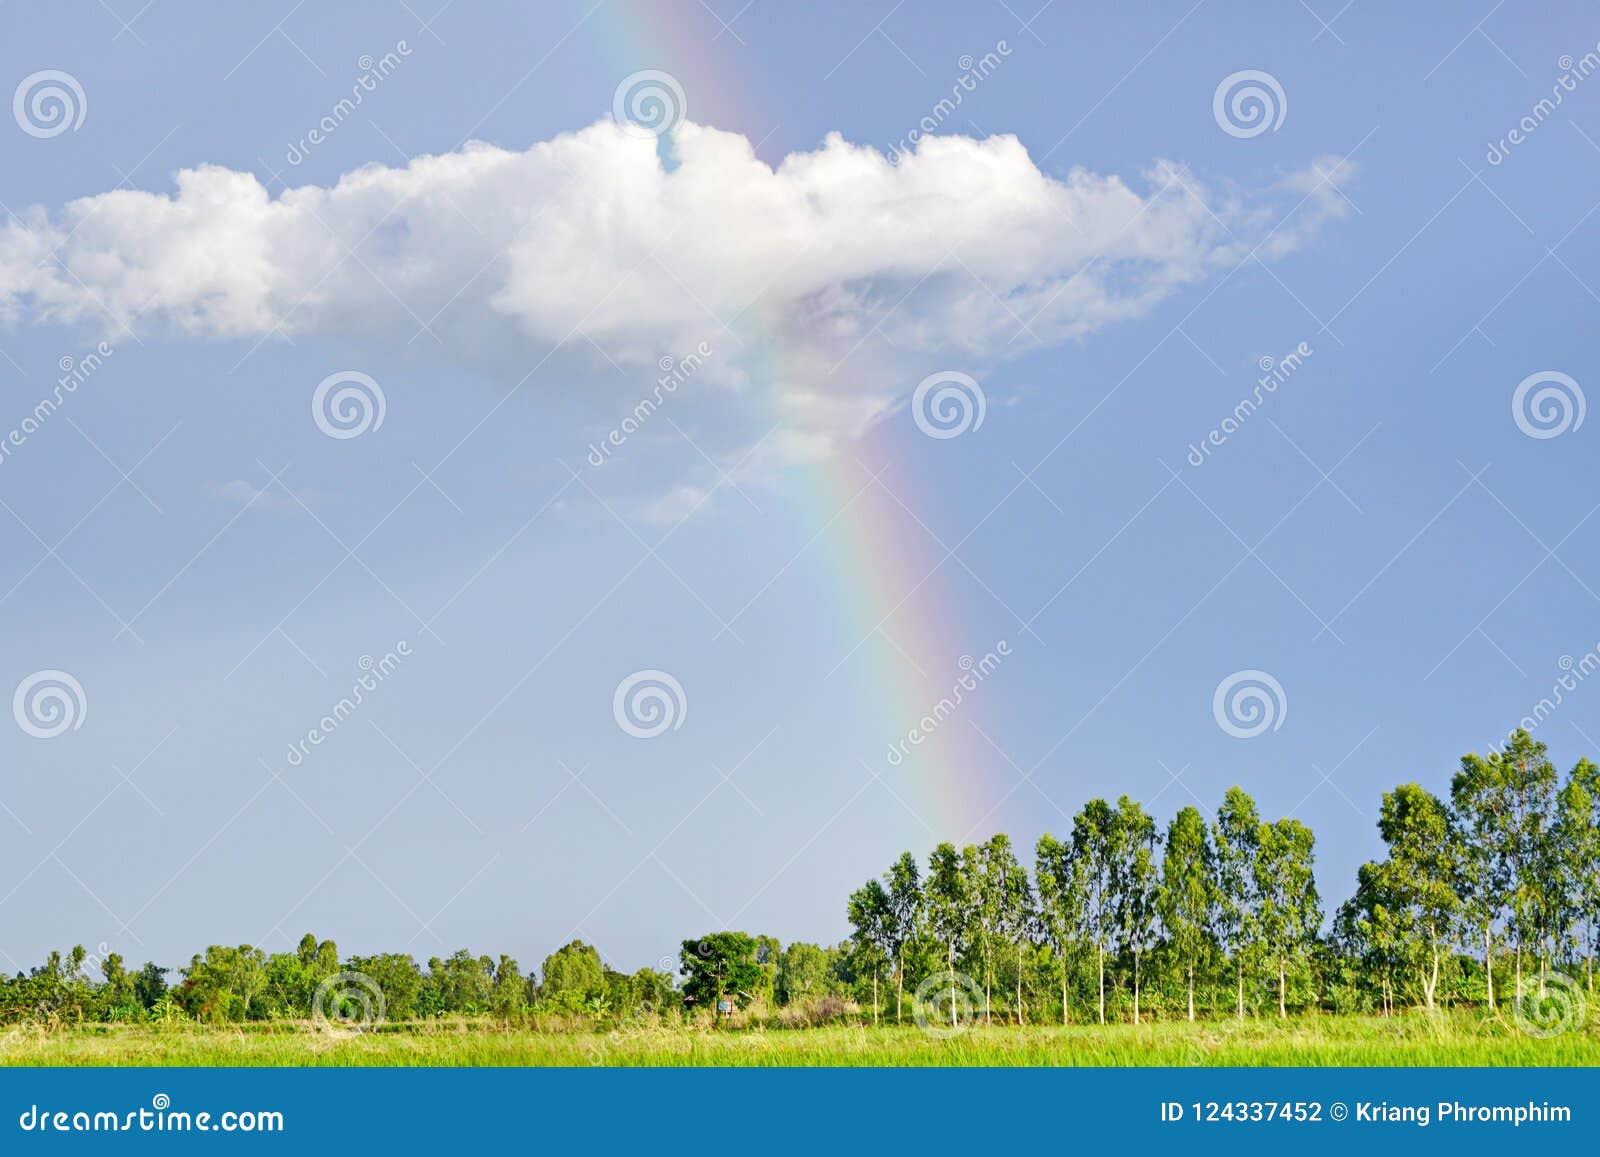 Sky with Rainbow